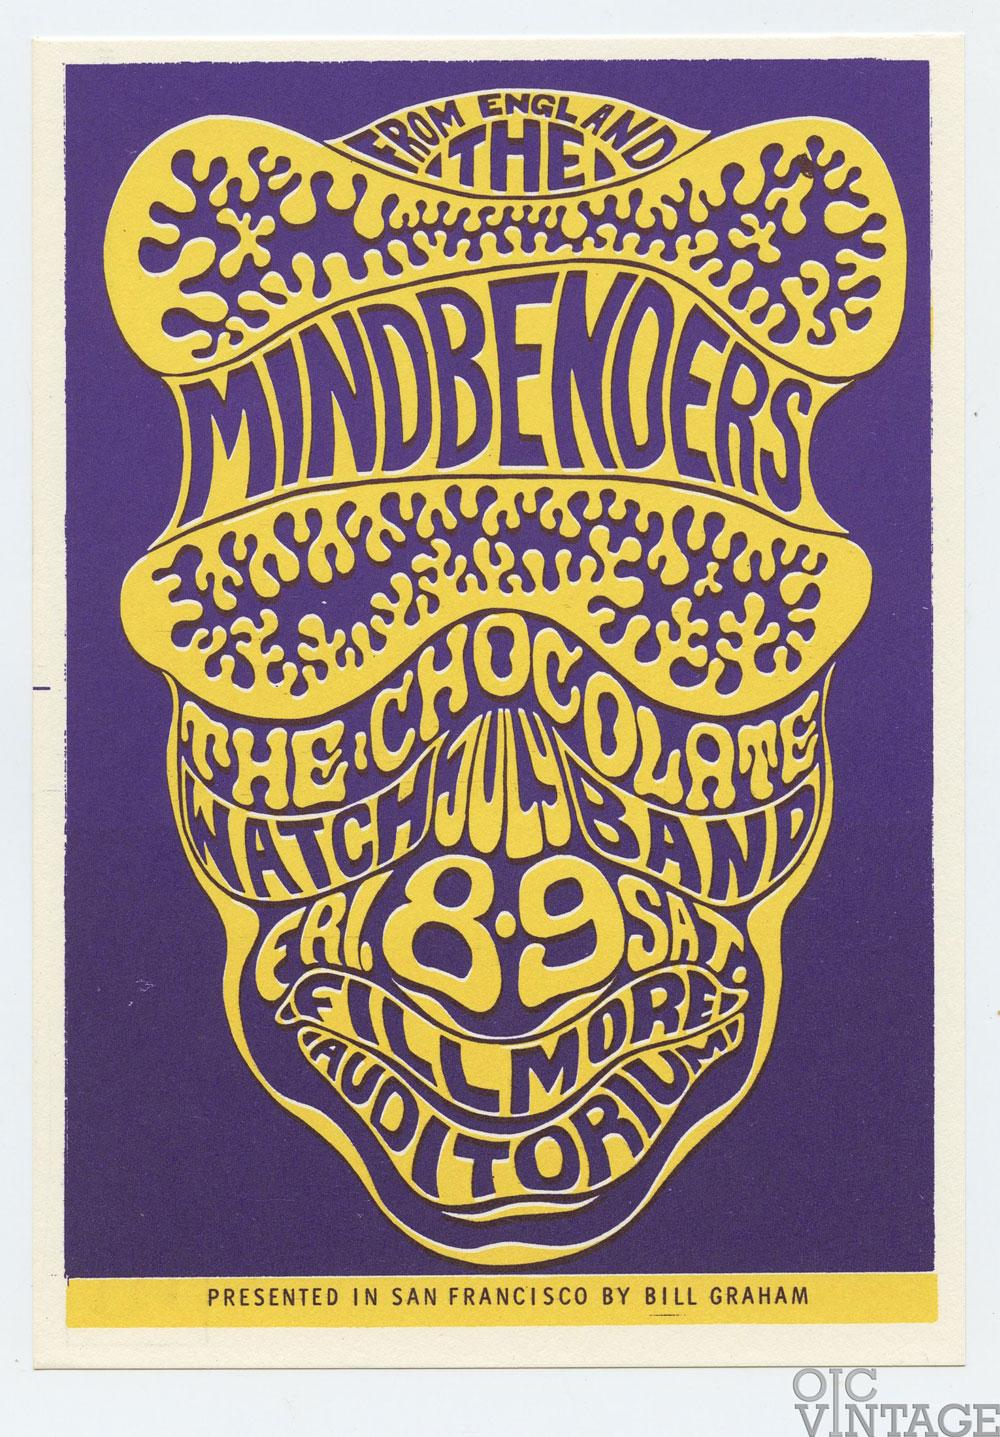 Bill Graham 16 Postcard Mindbenders 1966 Jul 8